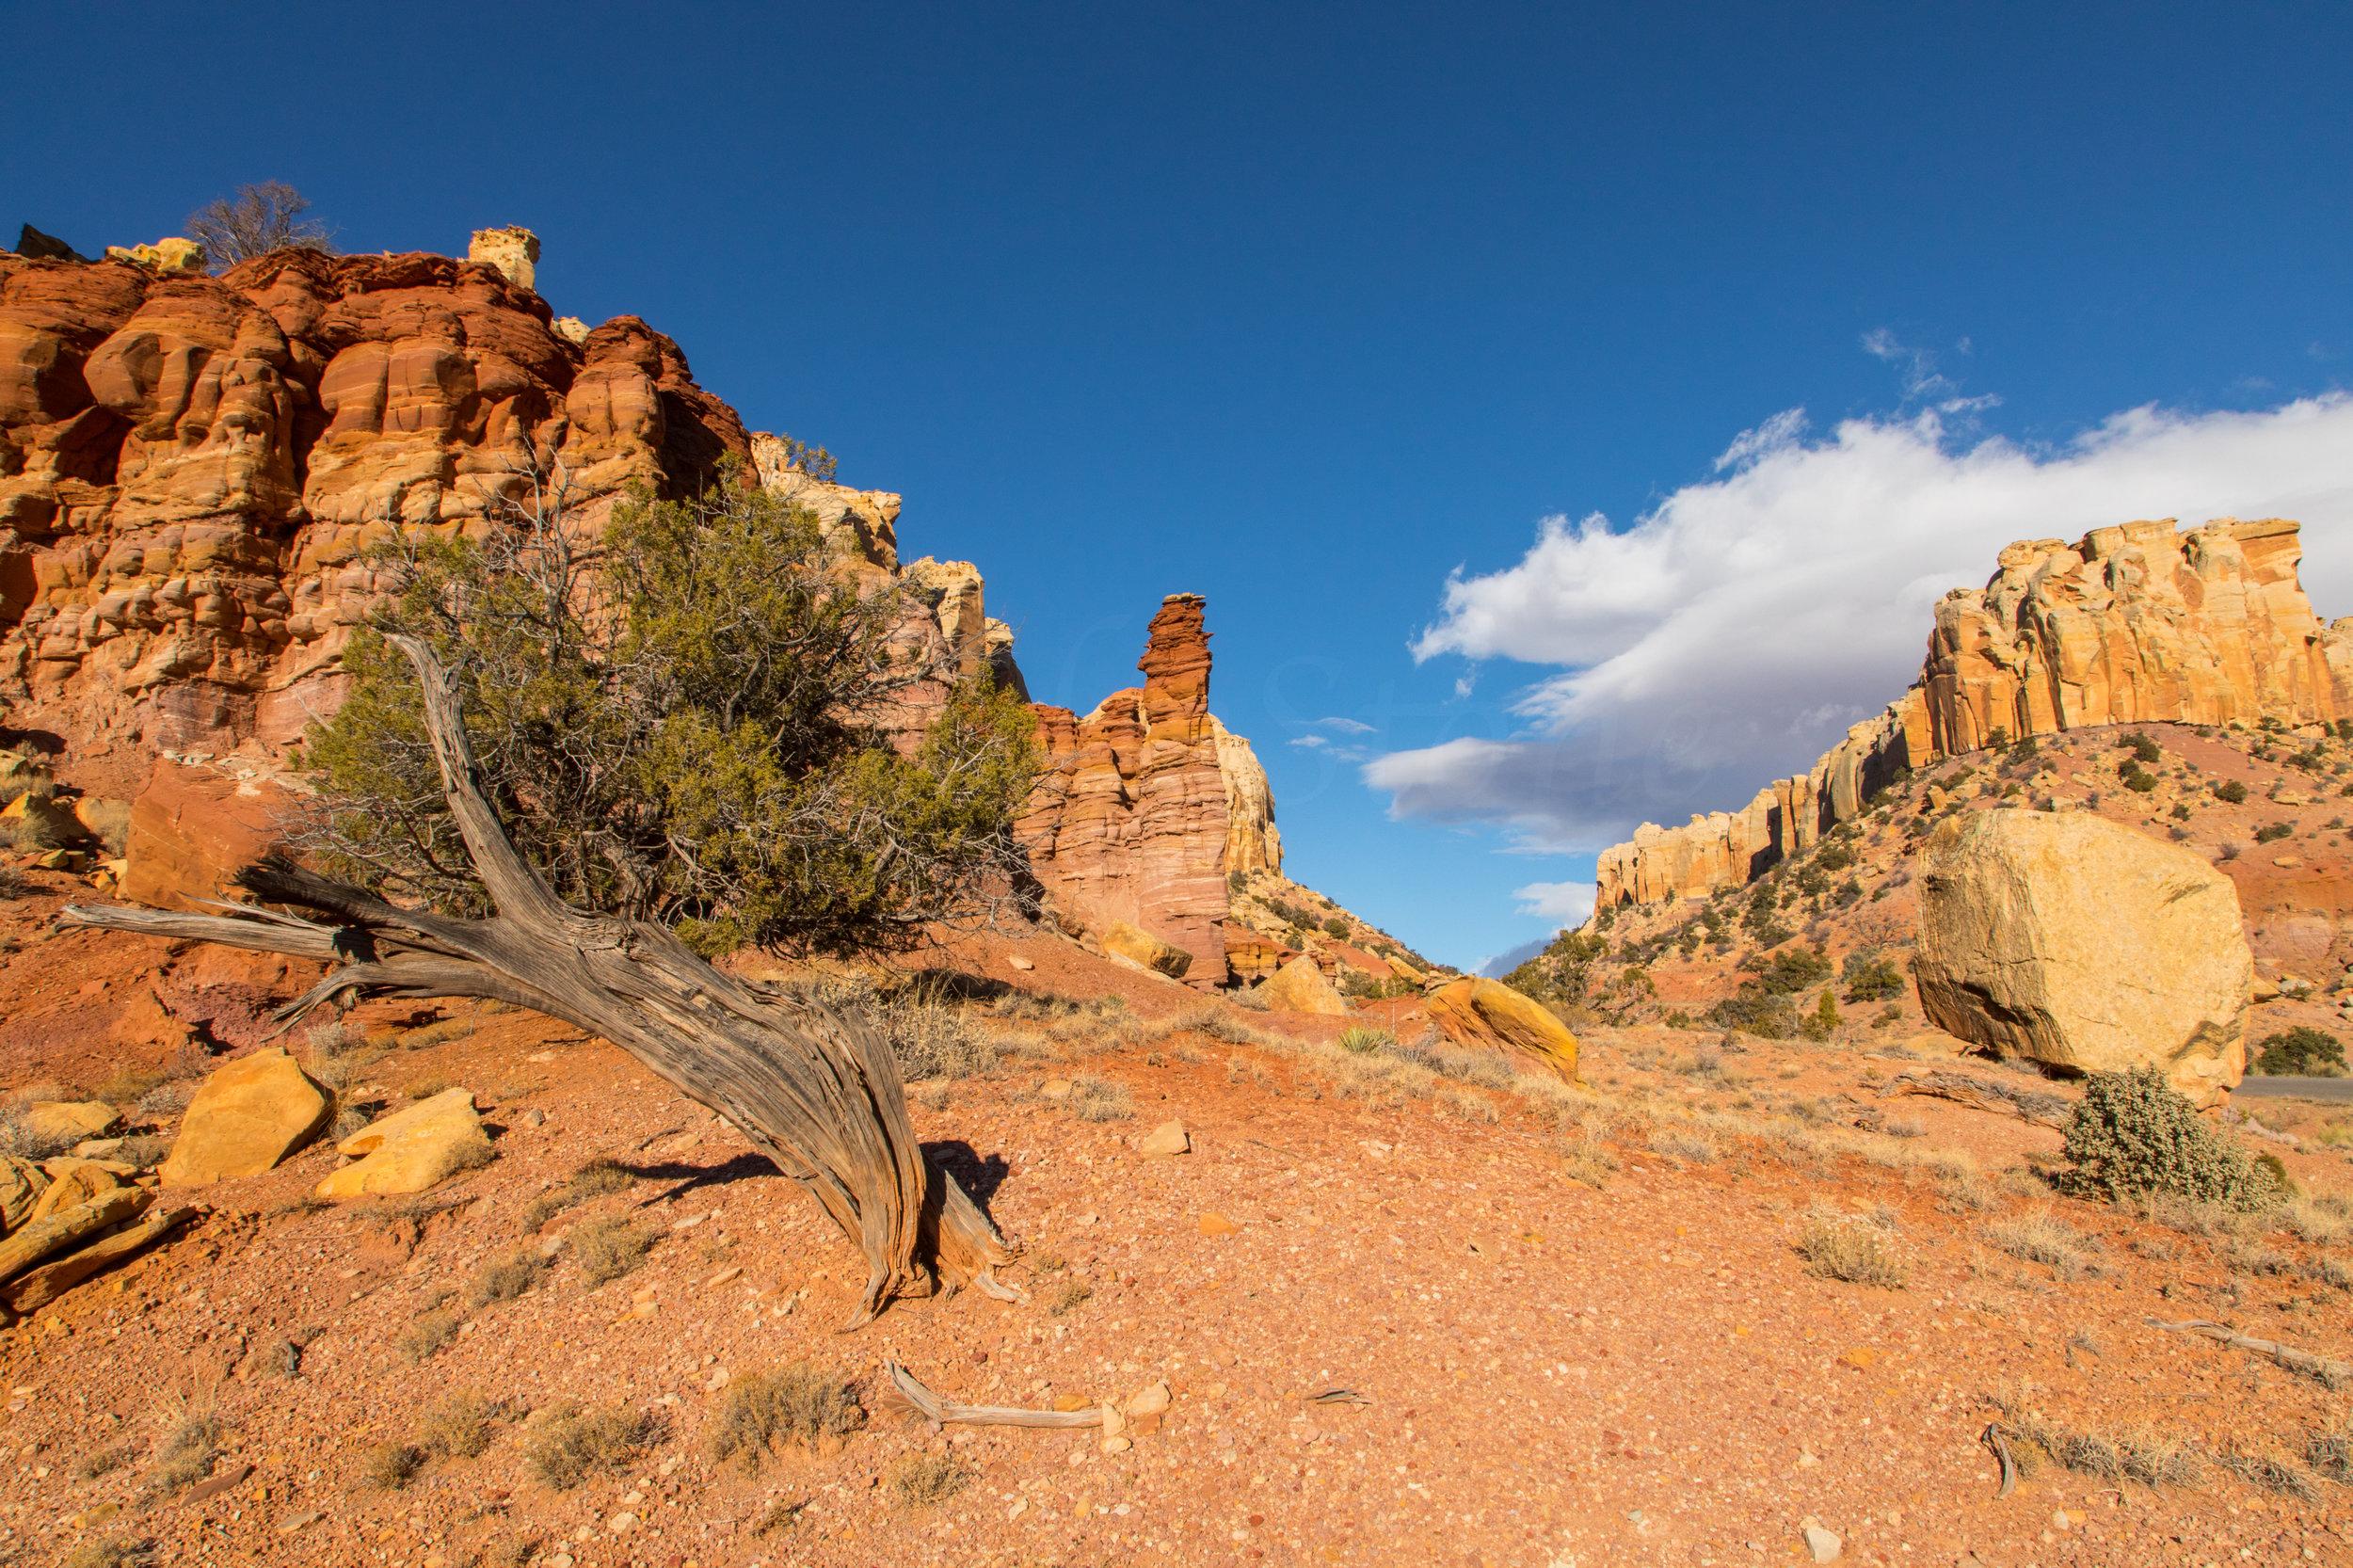 Burr Trail, Image # 4368